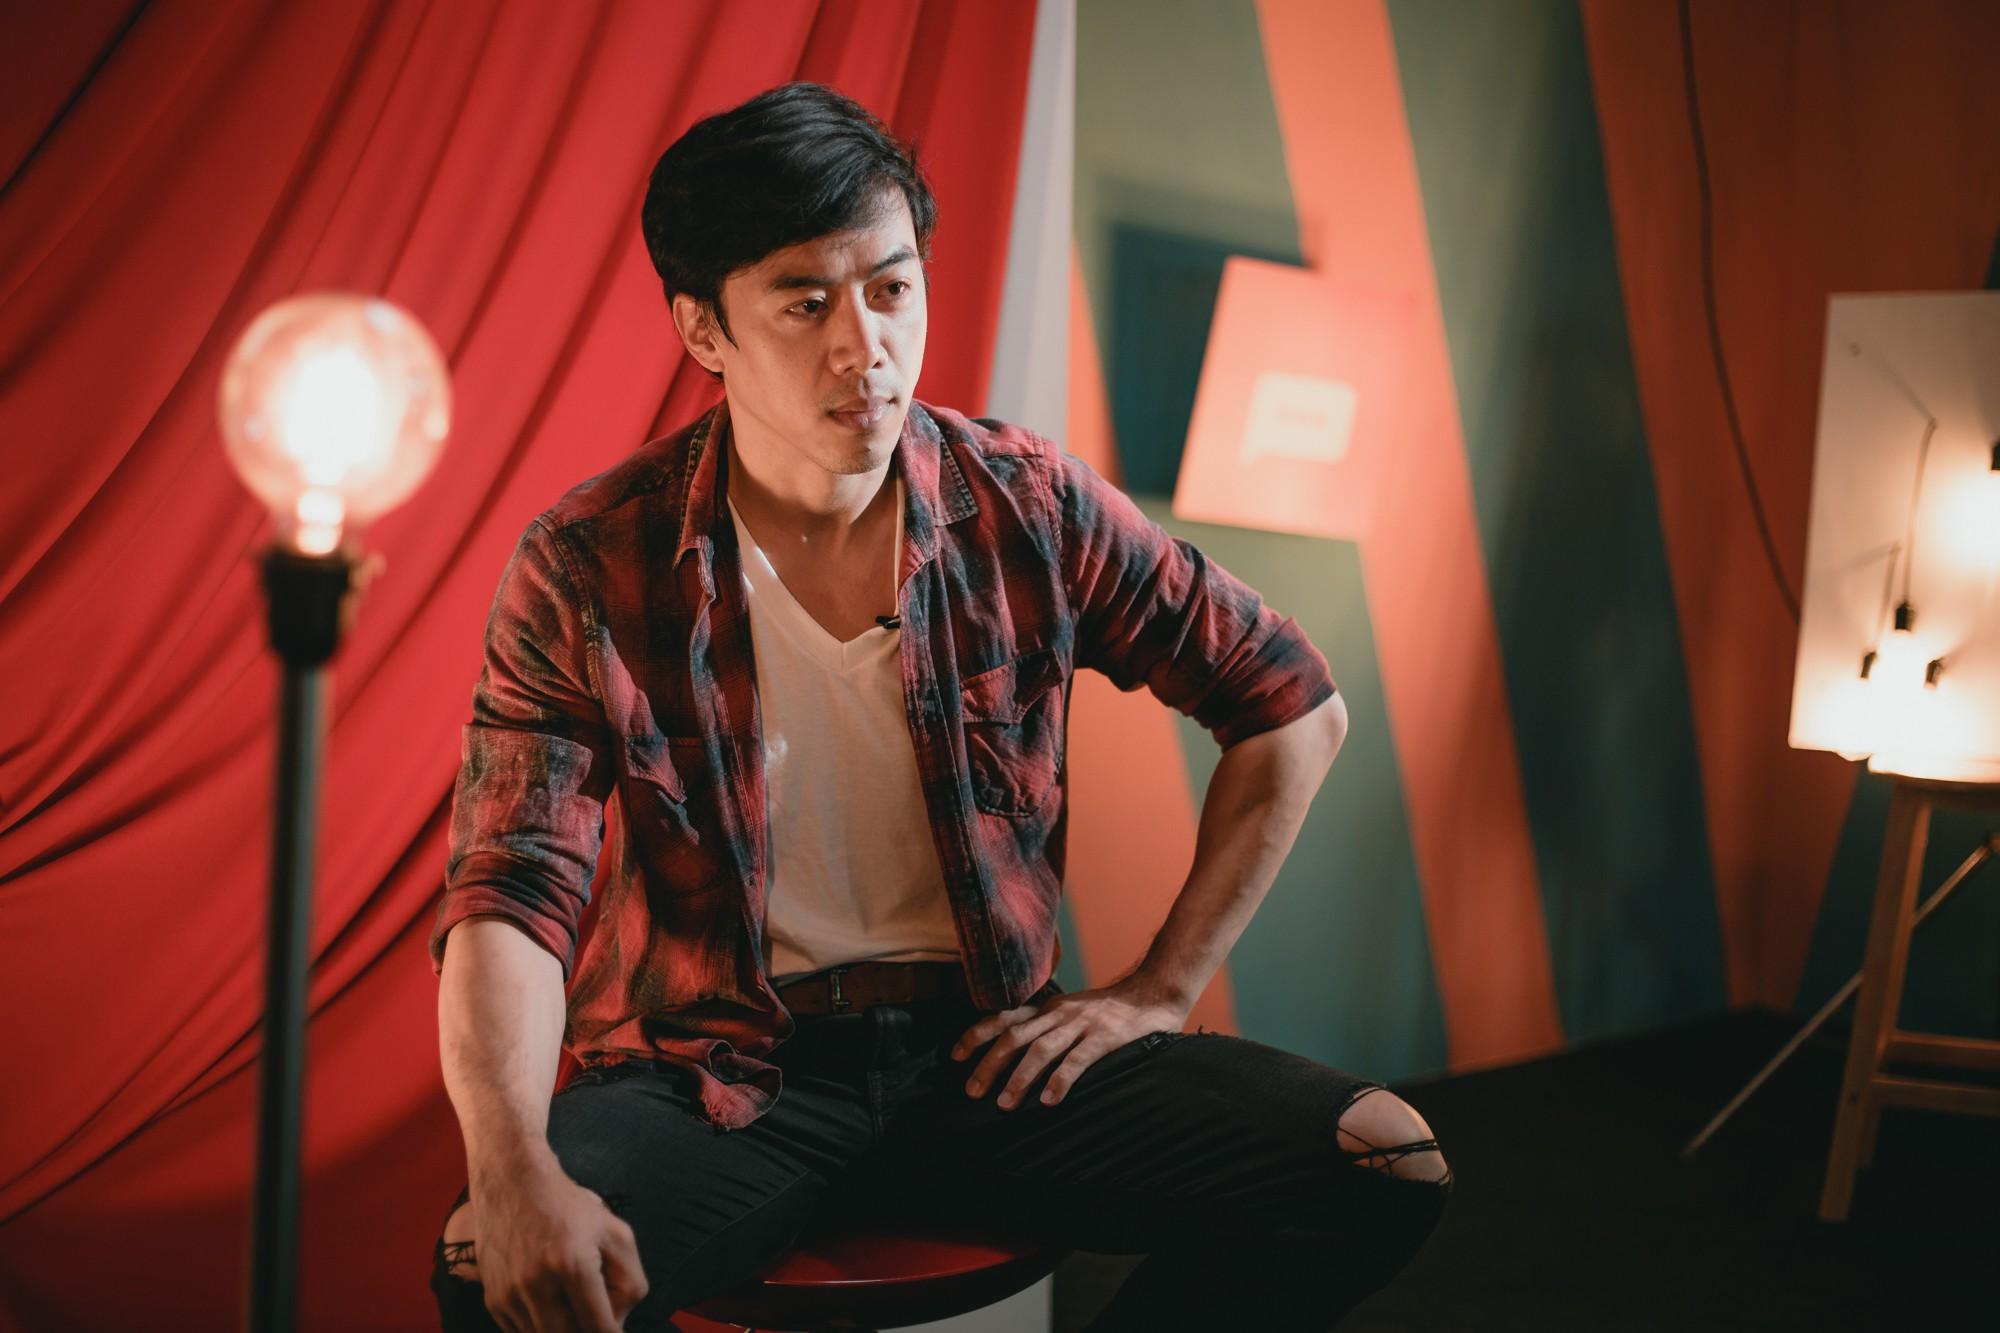 Đạo diễn Song Lang: Leon Quang Lê, người con xa xứ trót mang nợ với cải lương - Ảnh 3.